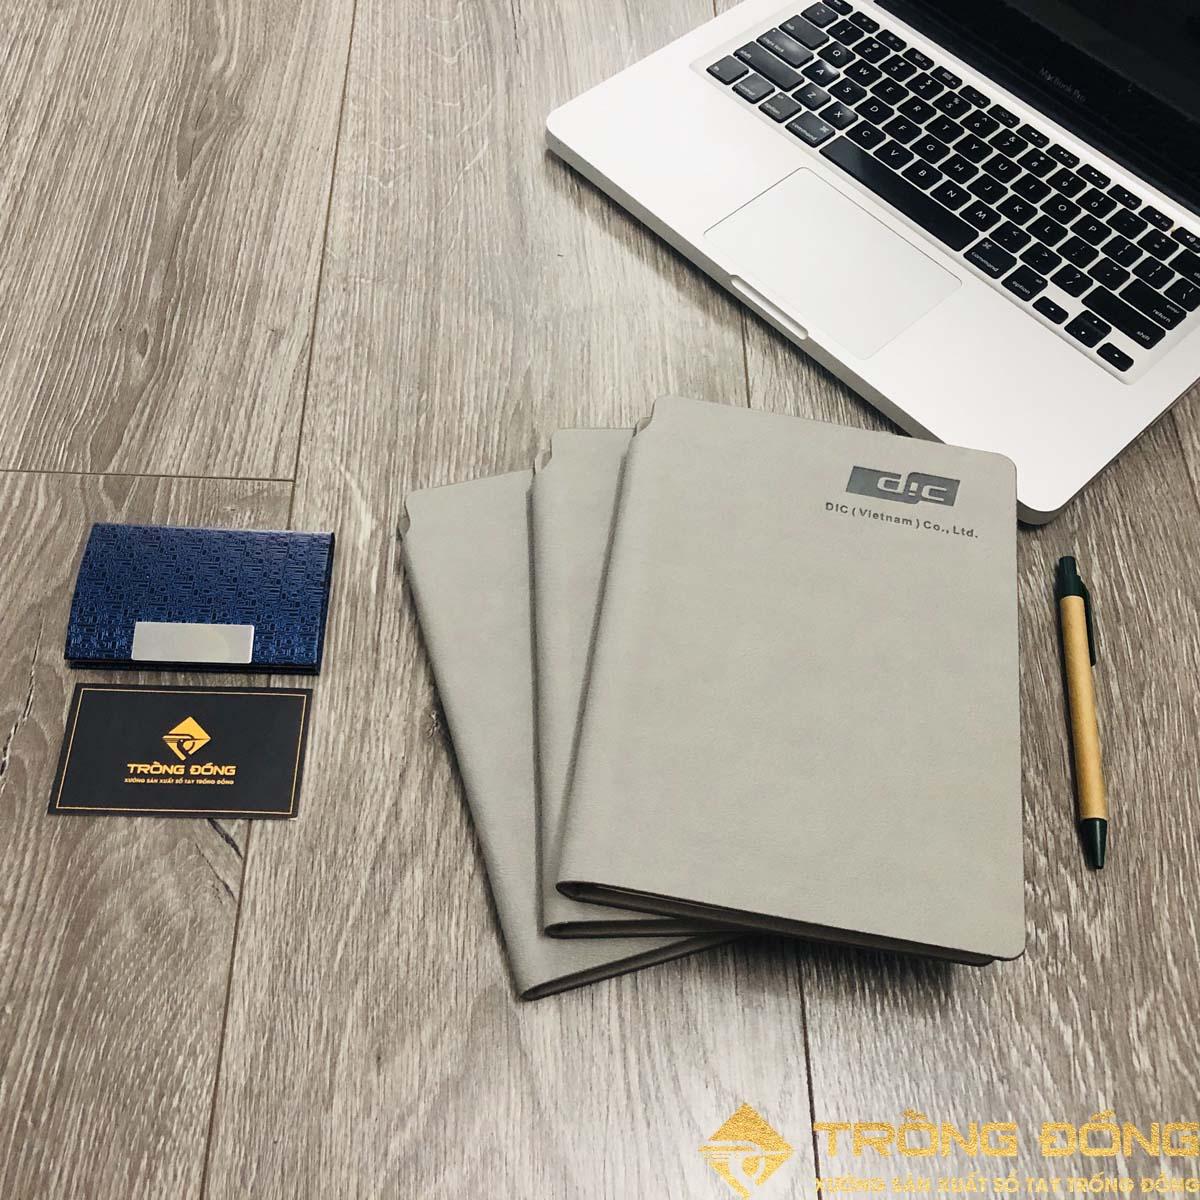 Cung cấp sản phẩm sổ da dán gáy in logo DIC cho doanh nghiệp.